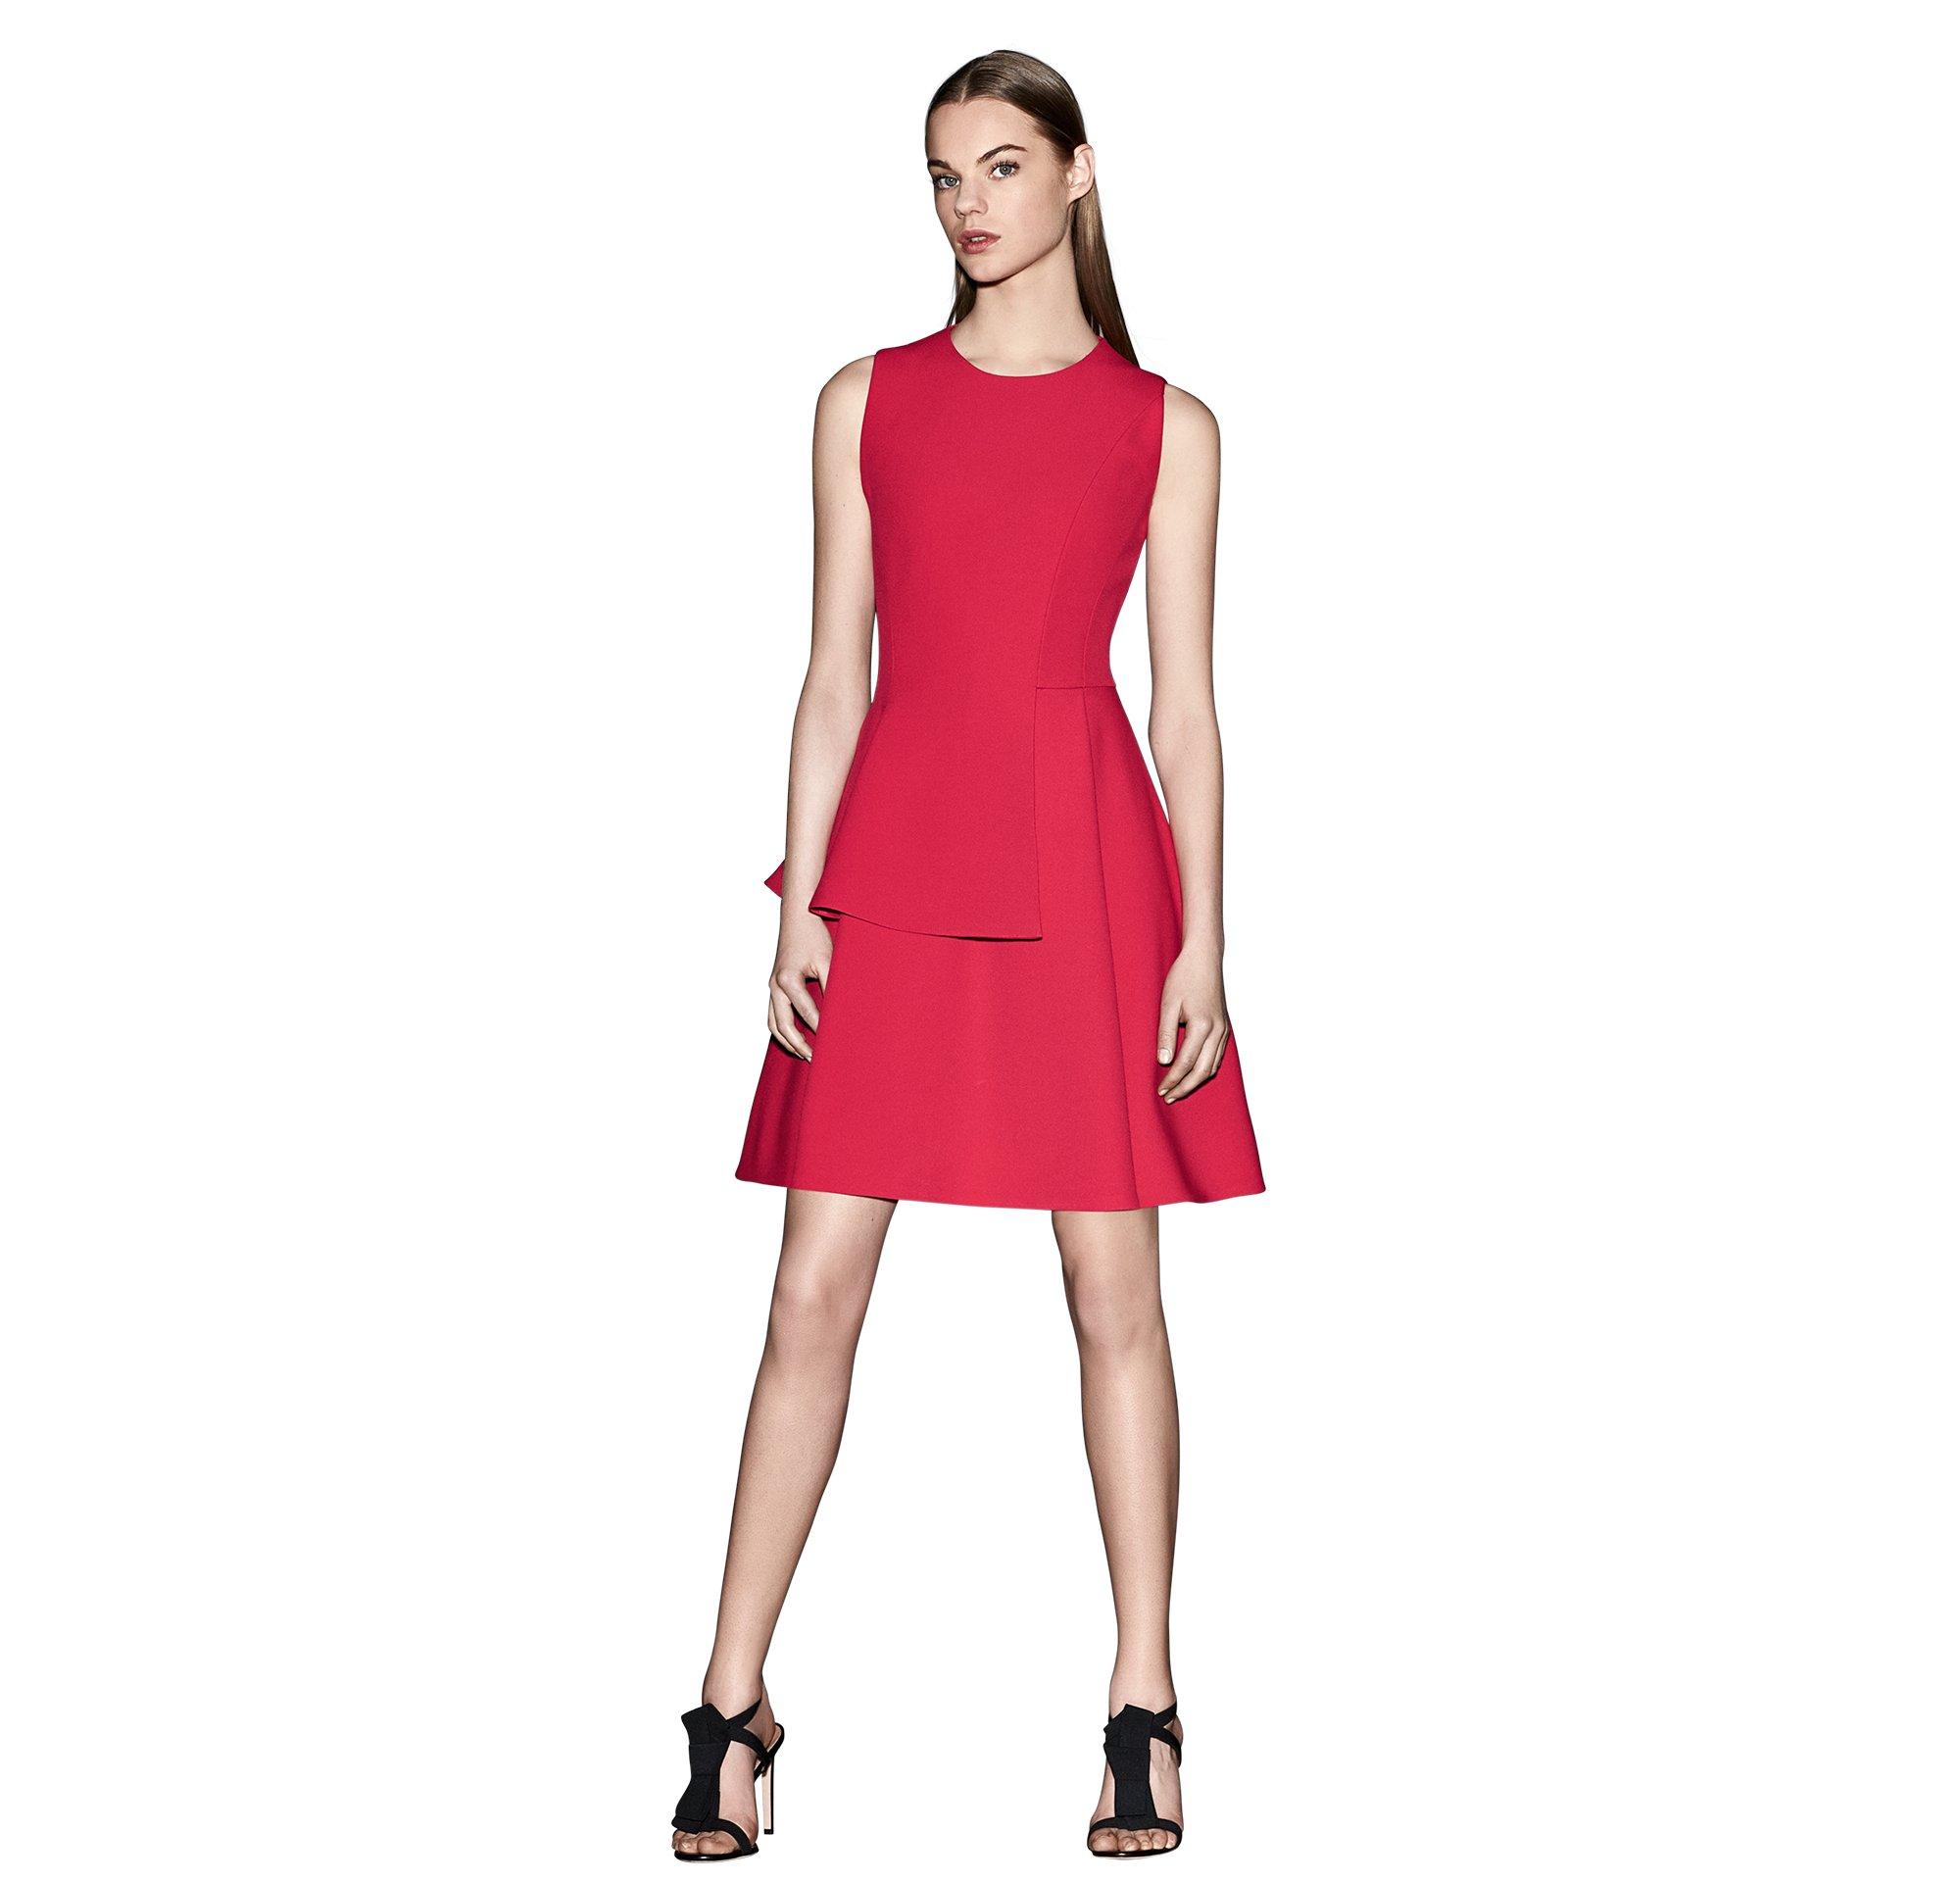 Rode jurk van BOSS